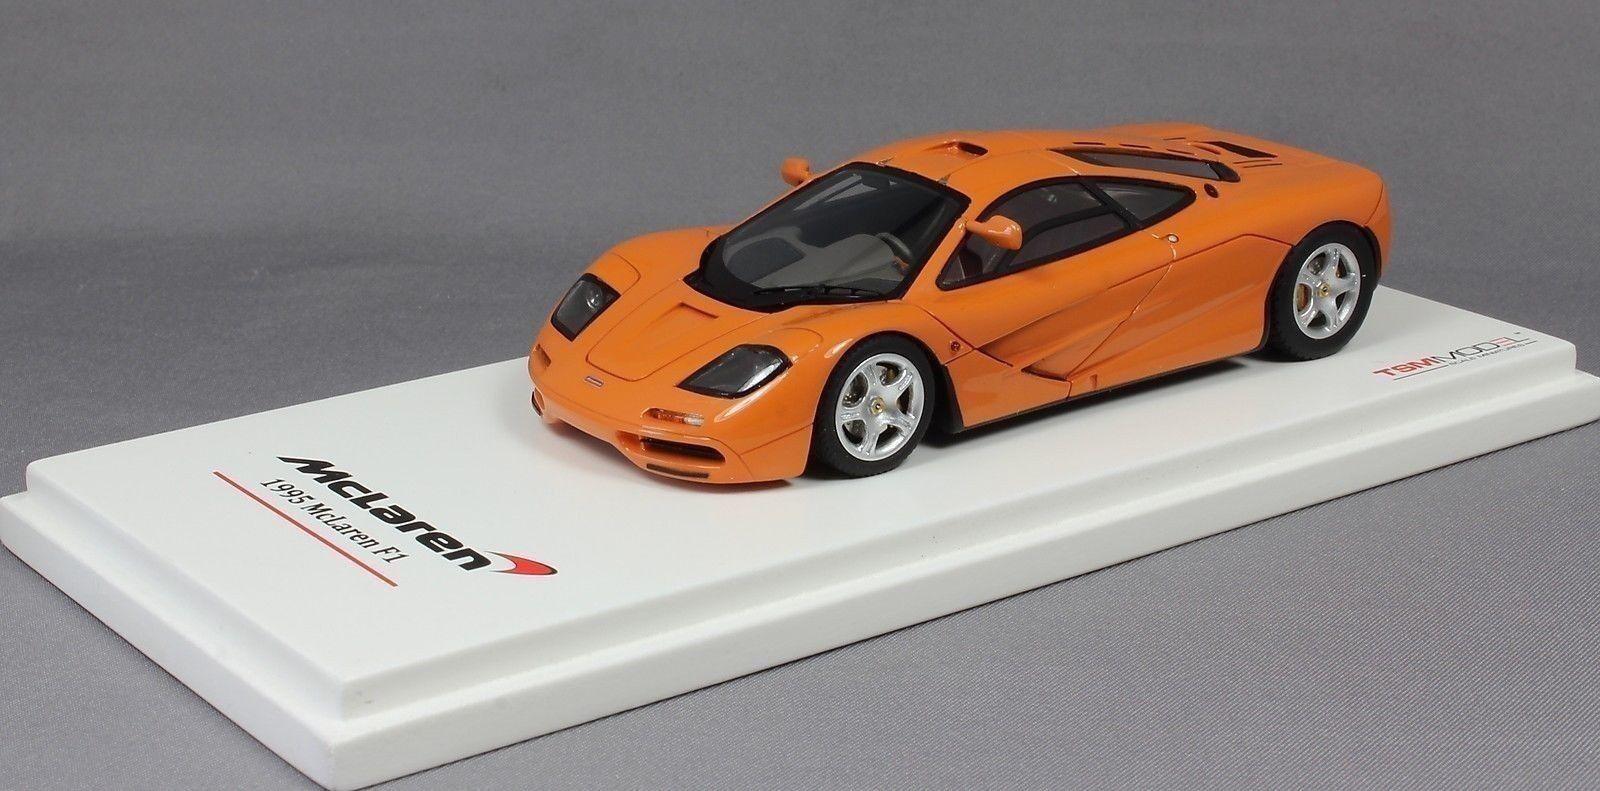 Truescale McLaren F1 'High Mirrors' in Papaya orange 1995 TSM134326 1 43 NEW